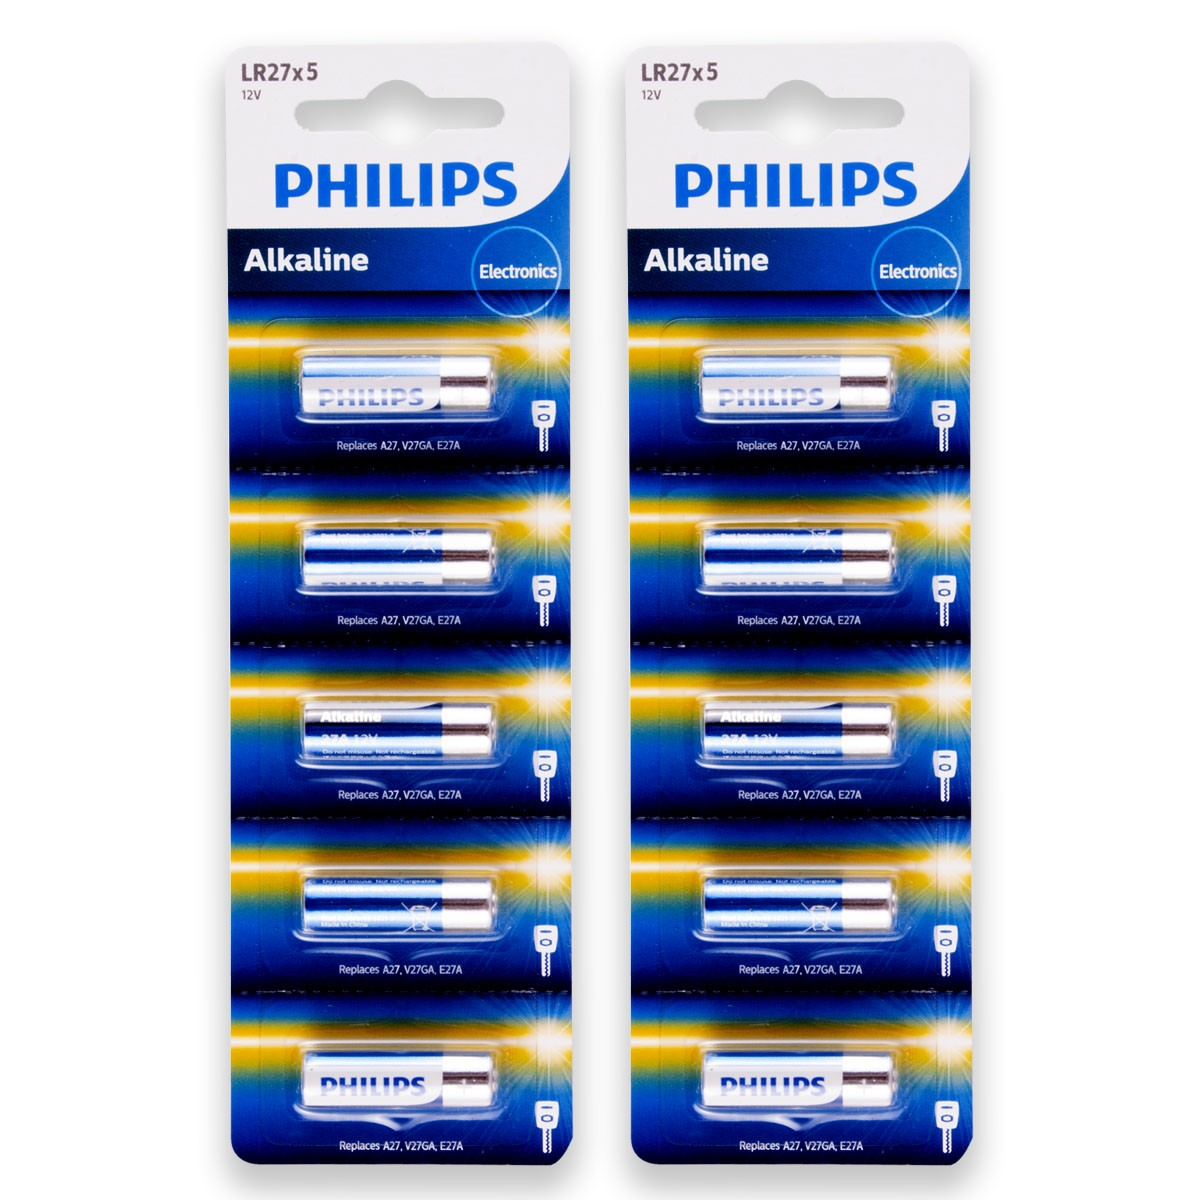 10 Pilhas Baterias PHILIPS 27A 12V A27 Alcalina 2 cartelas